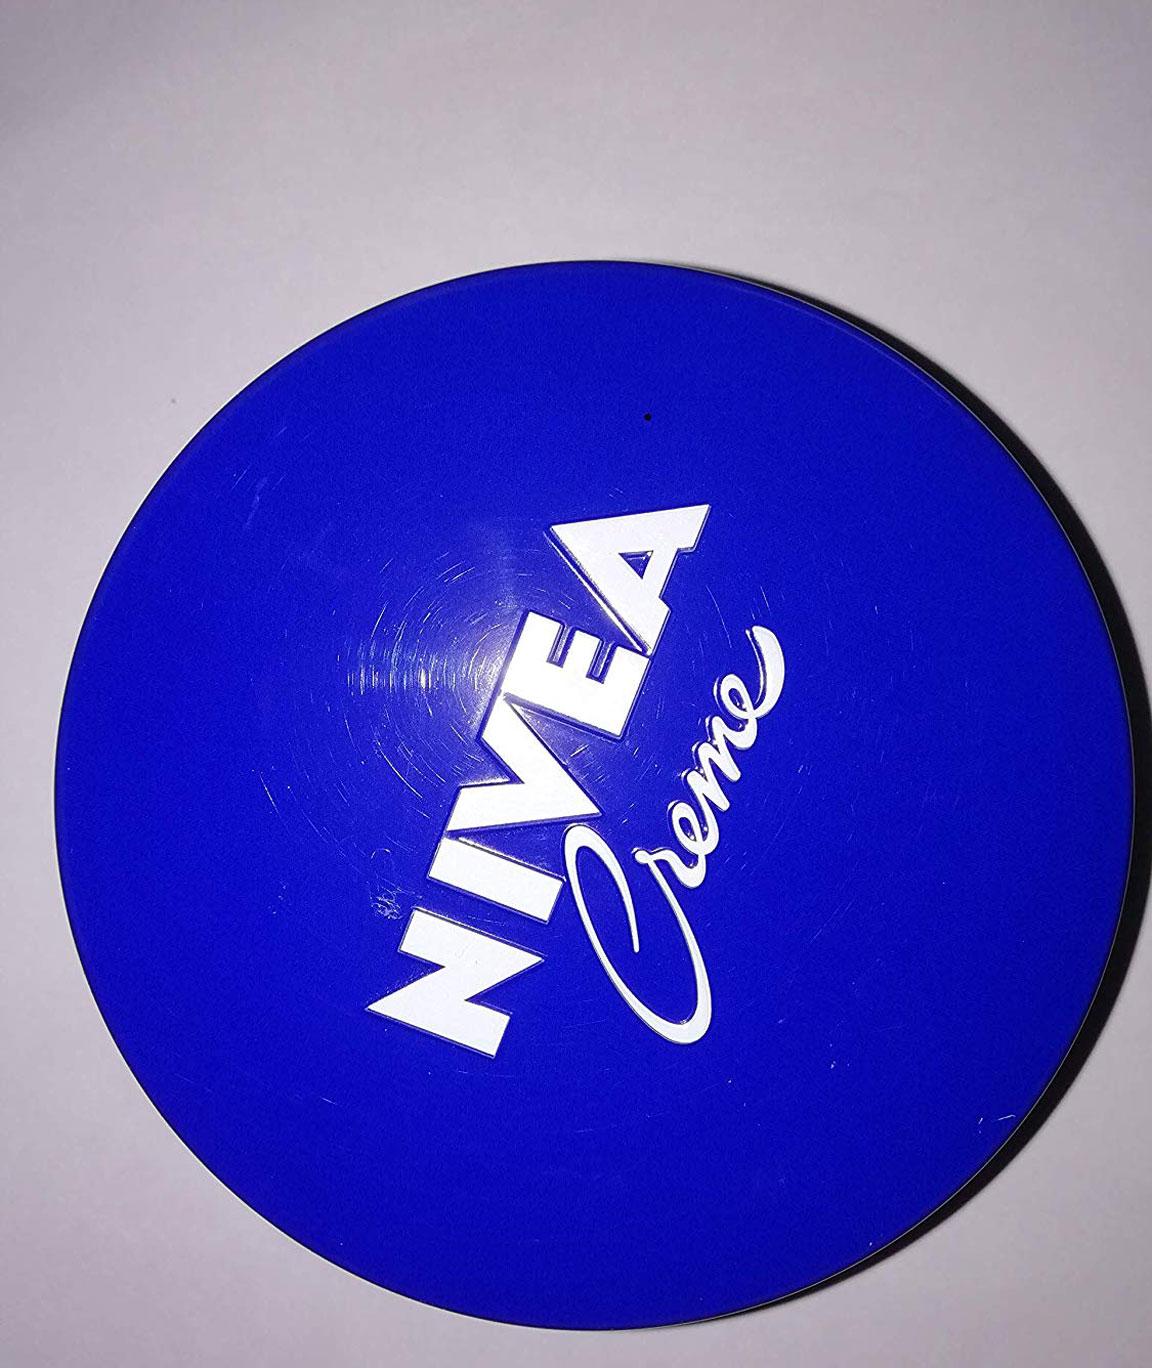 Nivea beauty Cream, 250ml